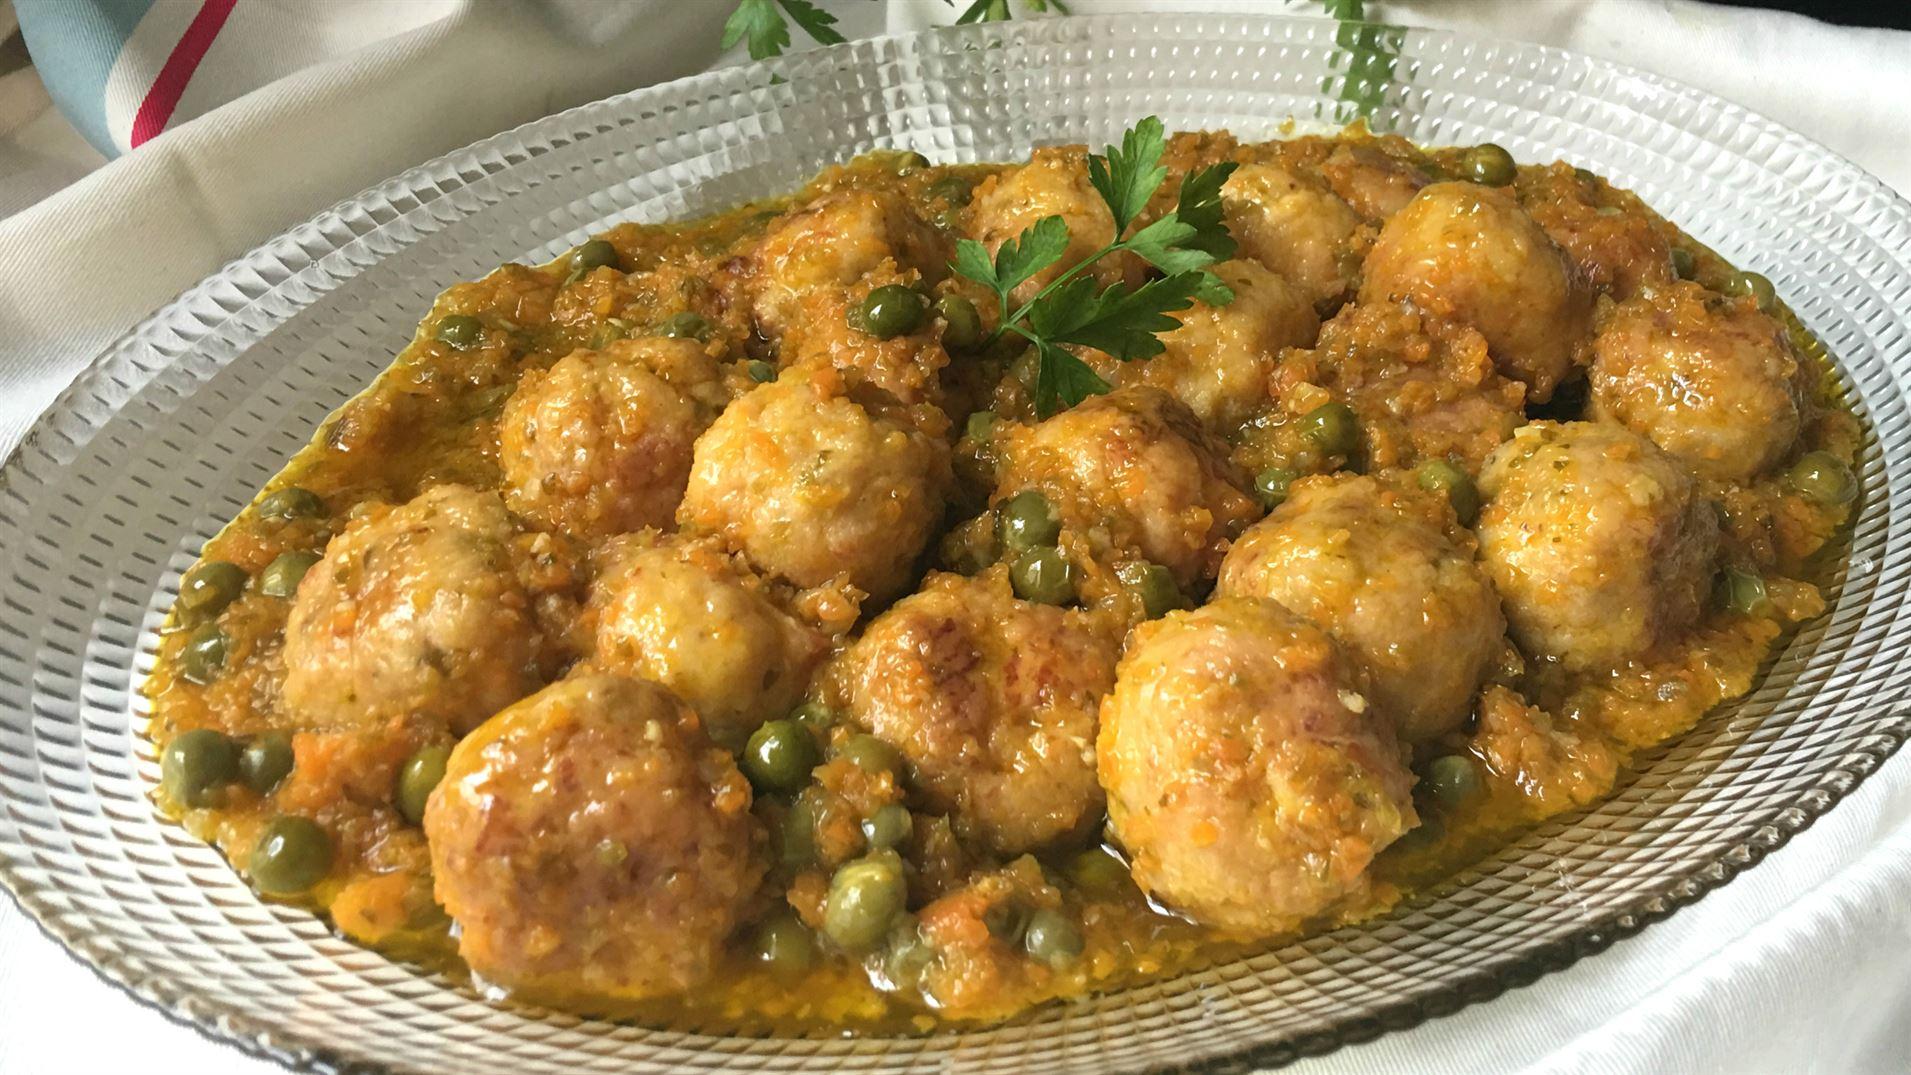 Alb ndigas de pollo con verduras anna recetas f ciles - Albondigas de verdura ...